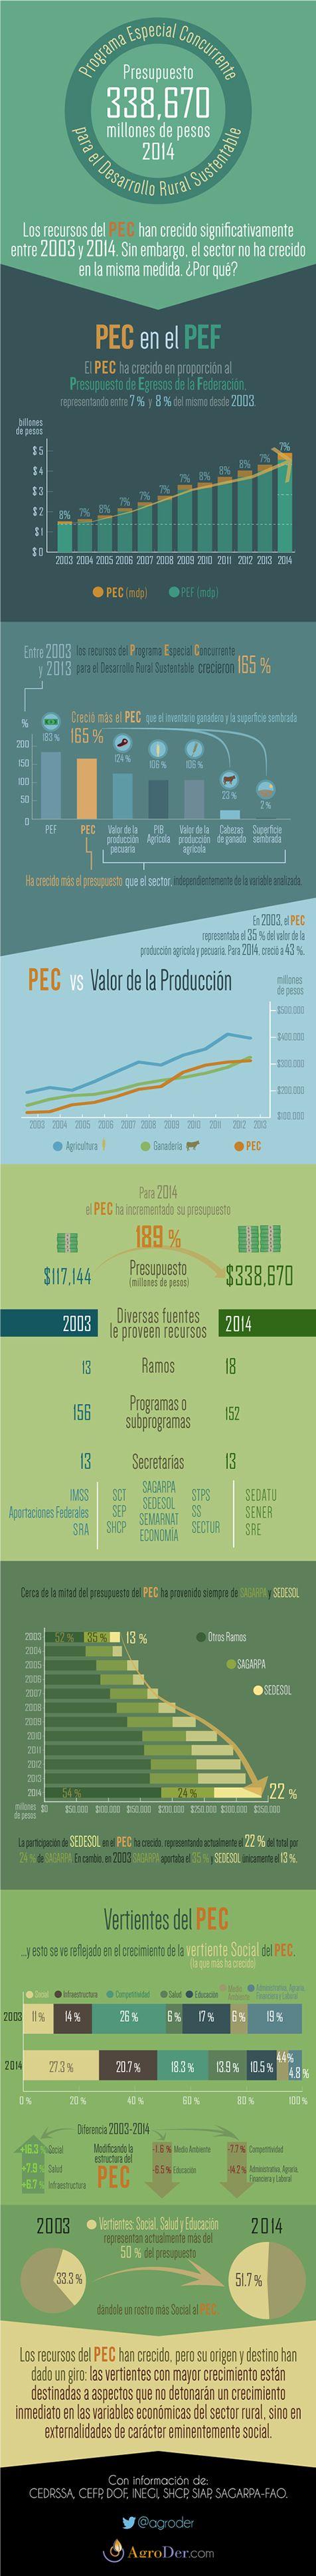 Evolución del Presupuesto del Programa Especial Concurrente para el Desarrollo Rural Sustentable